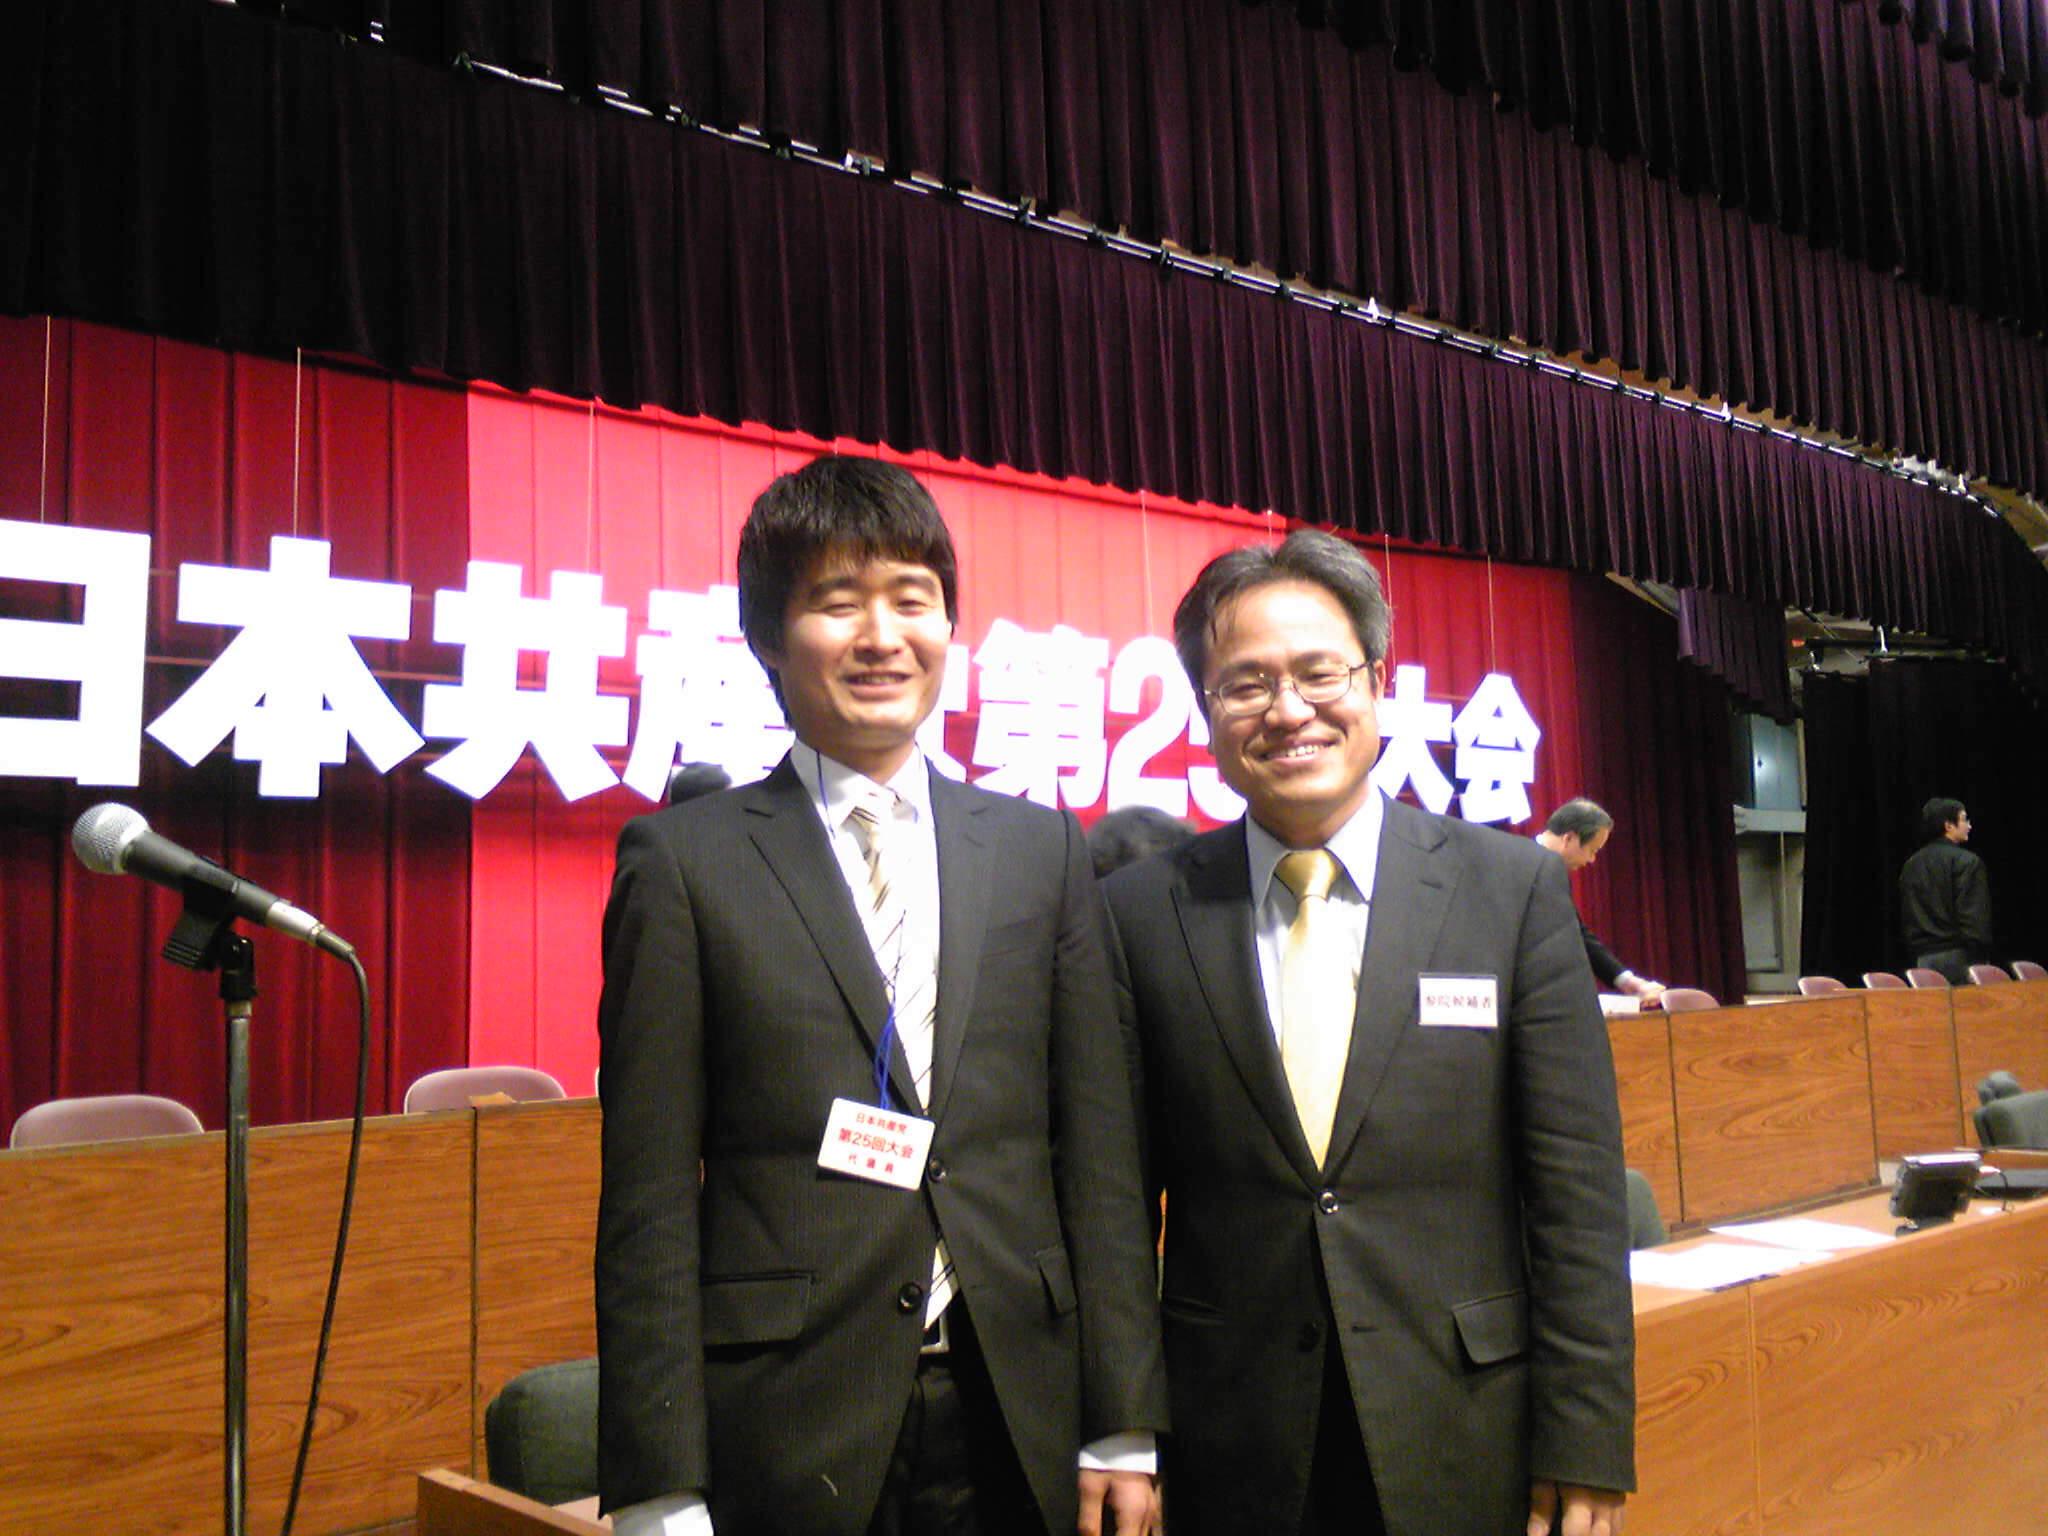 第25回党大会に参加しました。